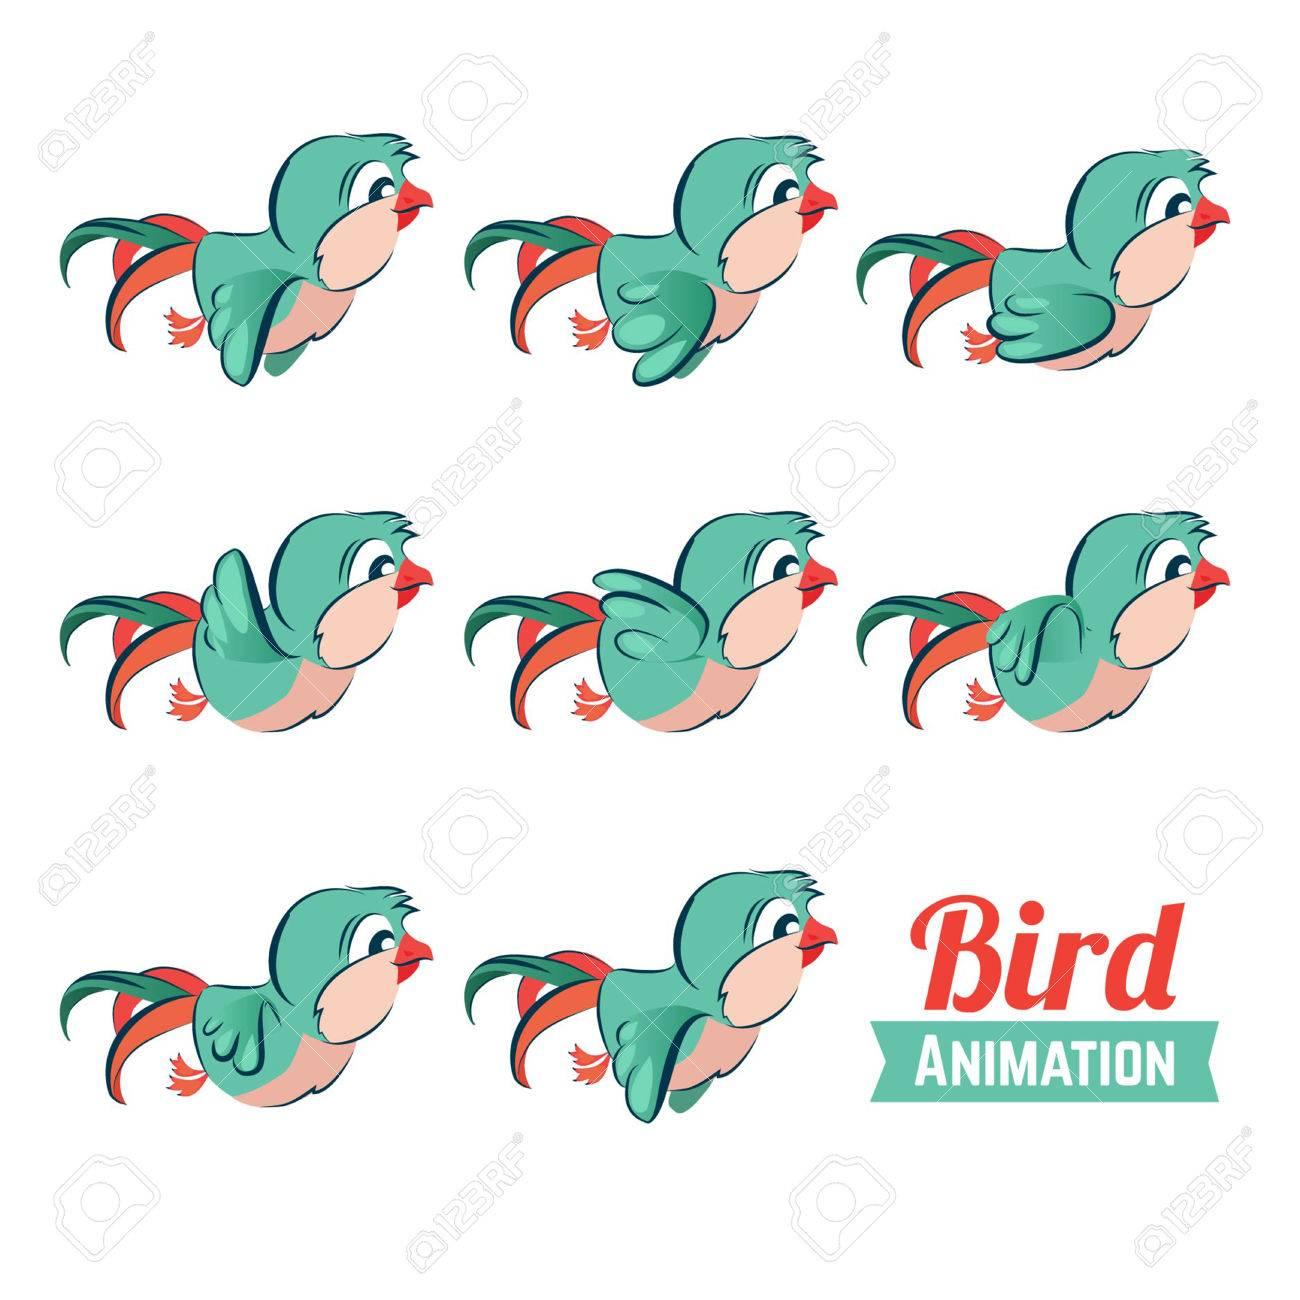 Animación De Fotogramas Clave De Vuelo De Aves. Ilustración De ...